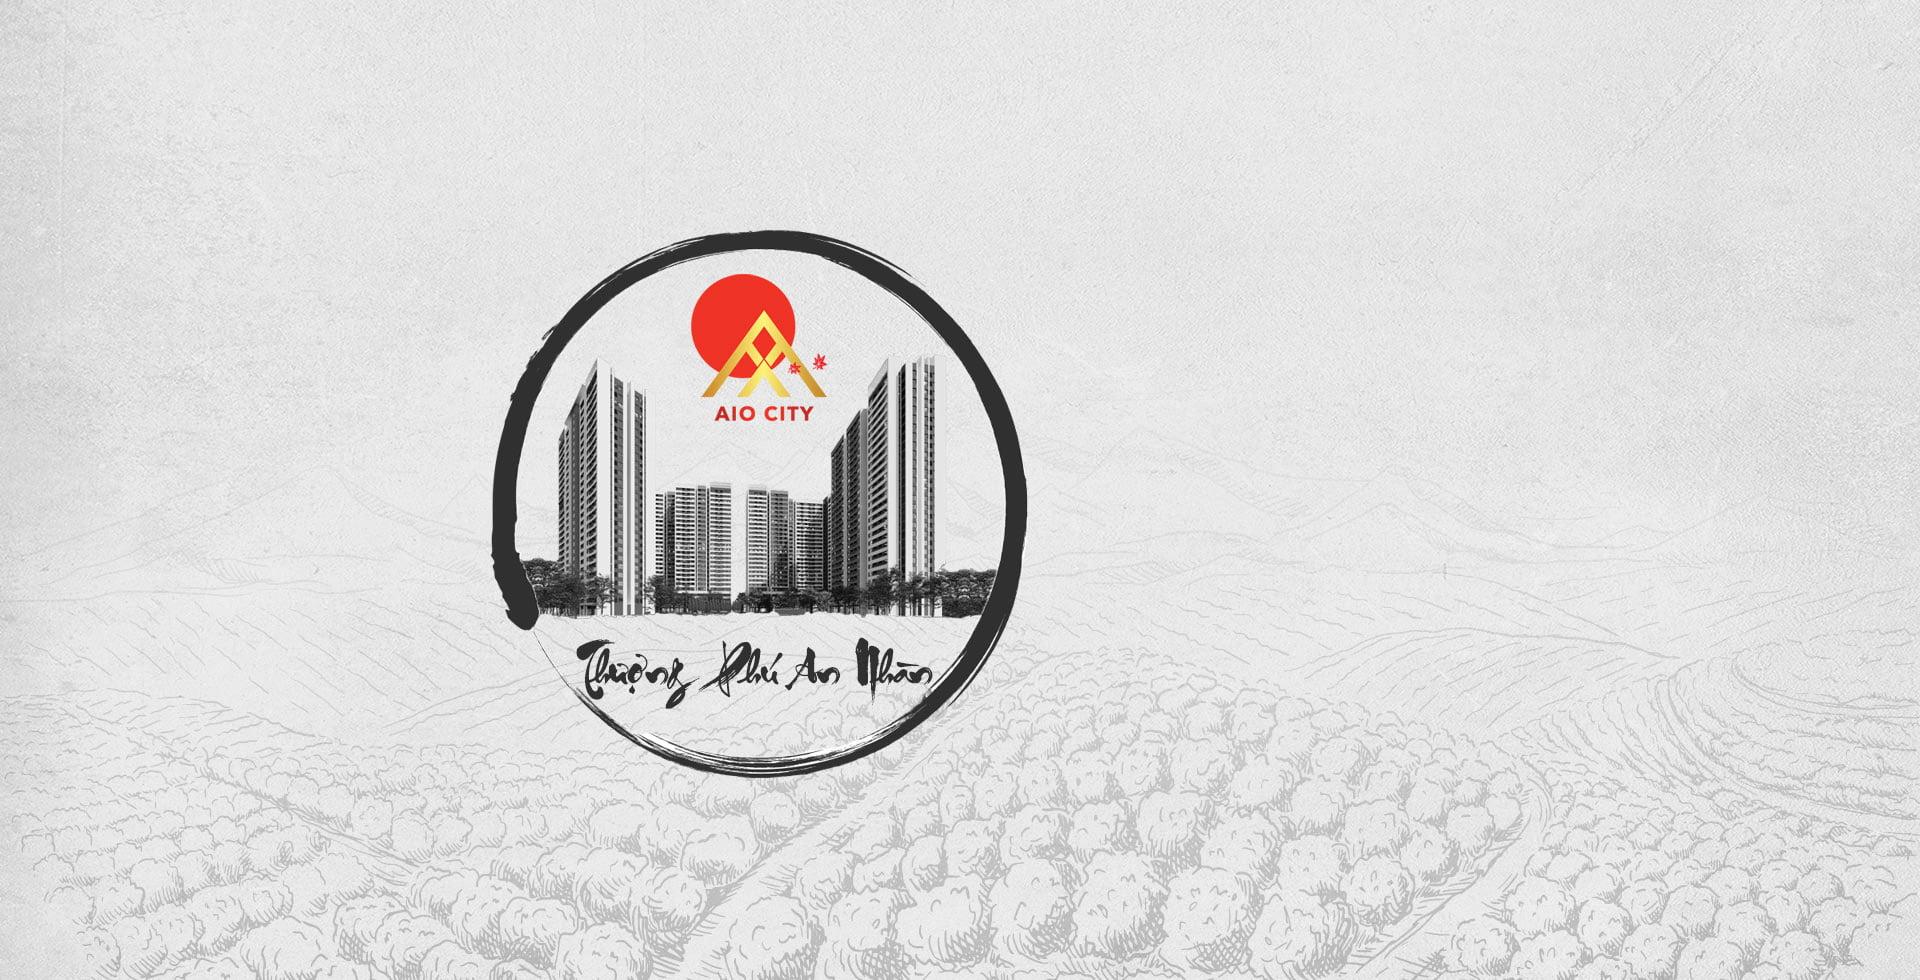 Banner Aio City - Thượng Phú An Nhàn